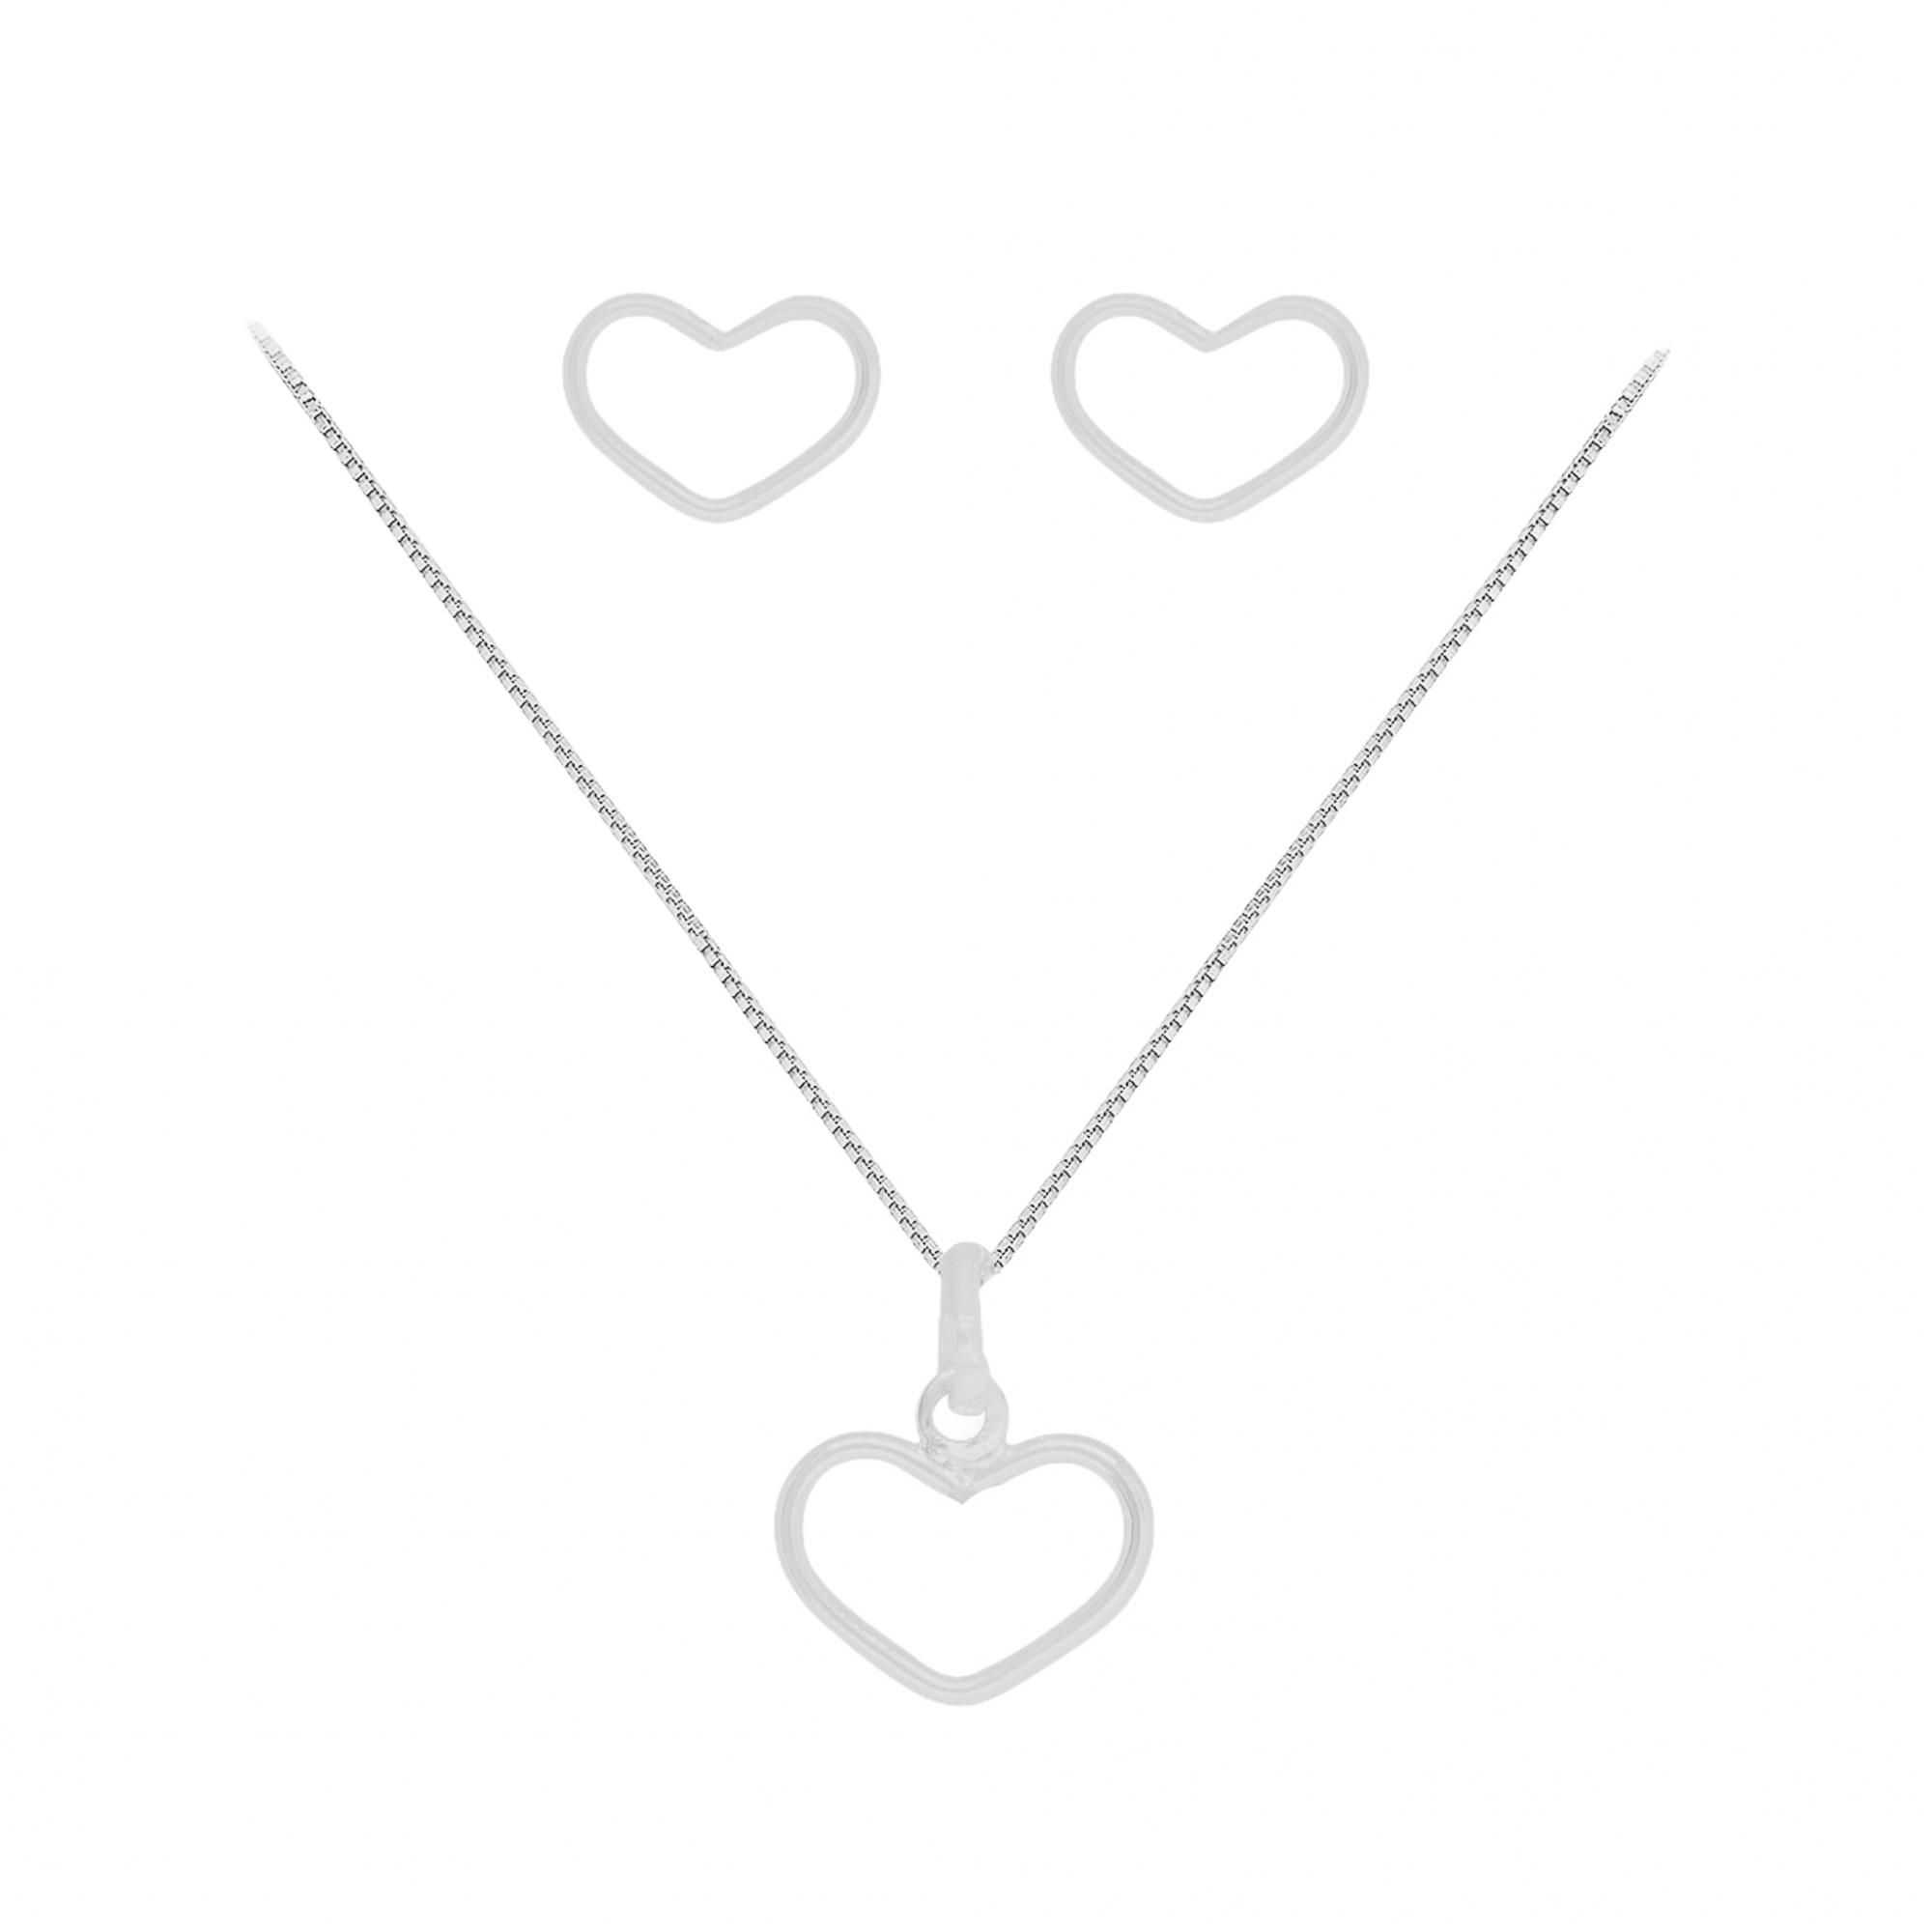 Conjunto joia em prata 925 pura coração fio vazado hipoalergênica